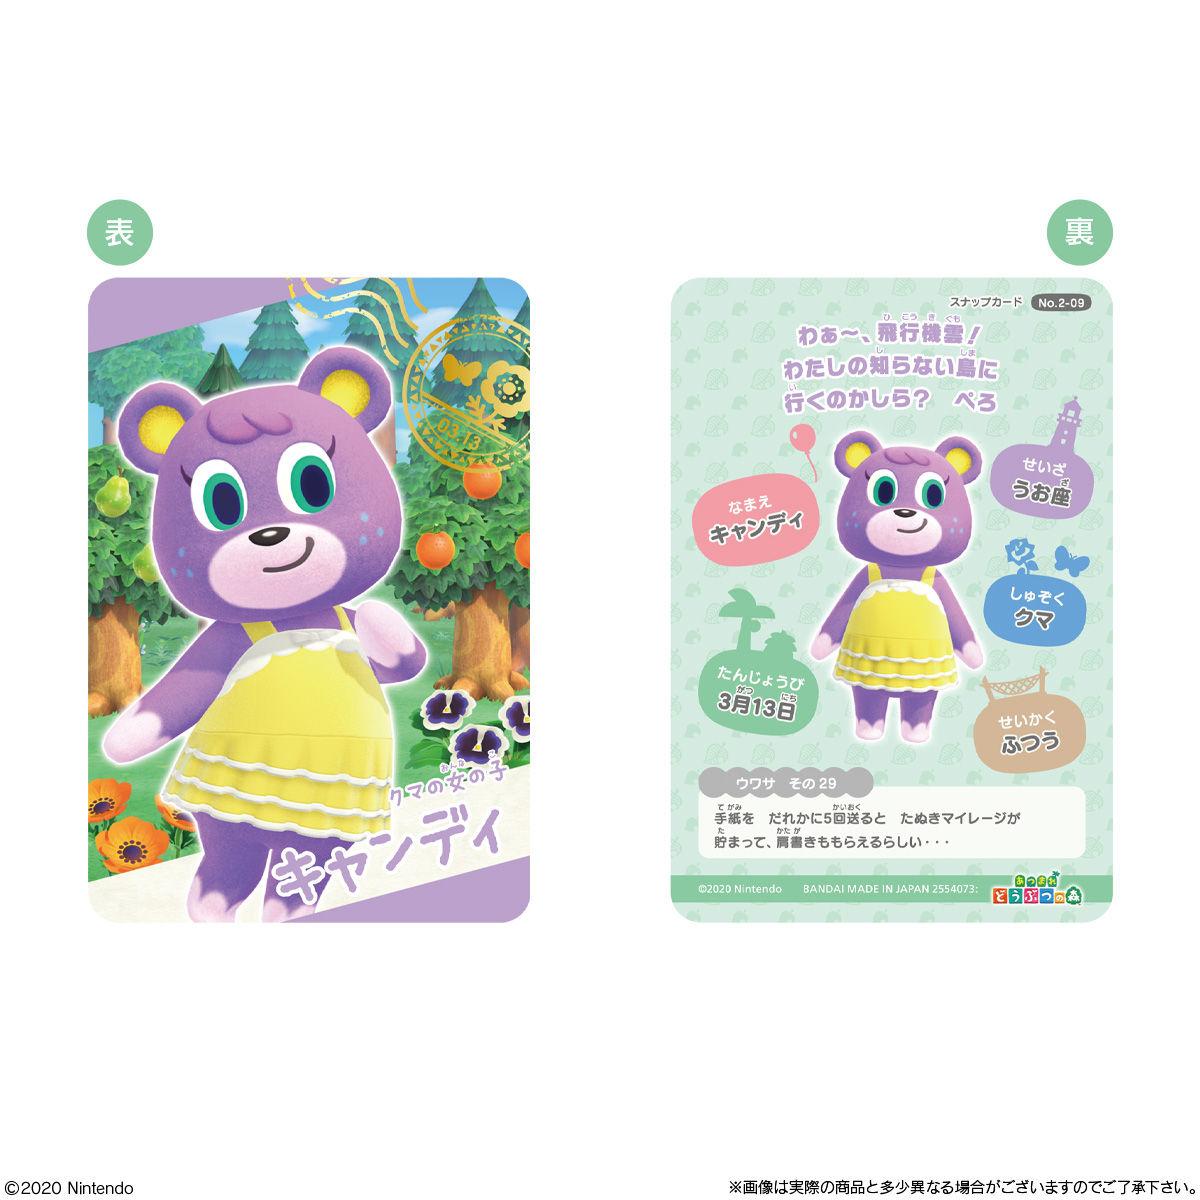 【食玩】あつ森『あつまれ どうぶつの森 カードグミ 第2弾』20個入りBOX-002